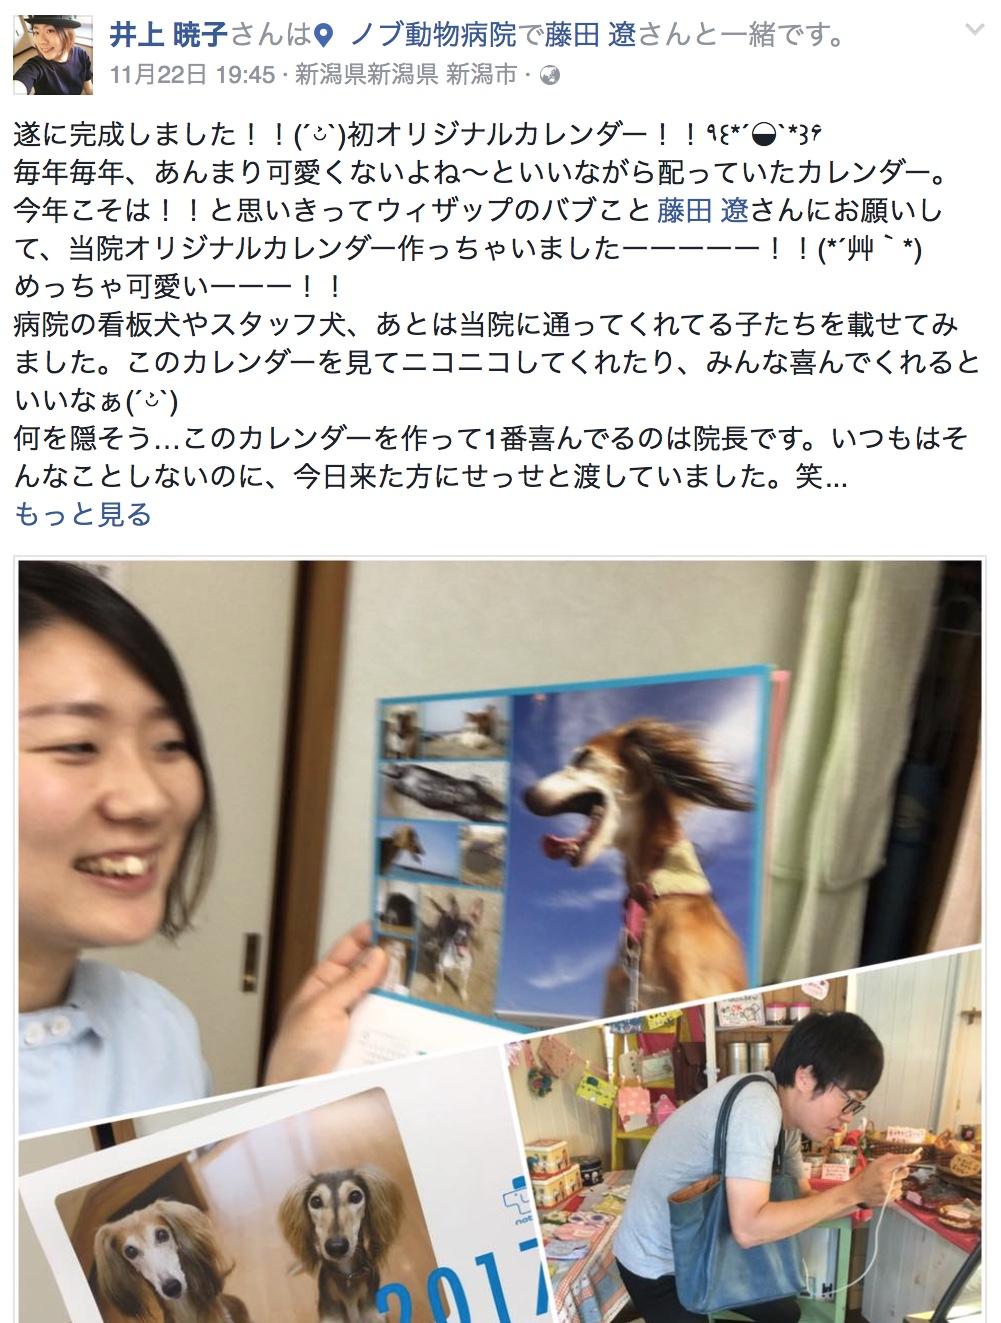 アキーコの投稿 「このカレンダーを見てニコニコしてくれたり、みんな喜んでくれるといいなぁ(´◡͐`)」